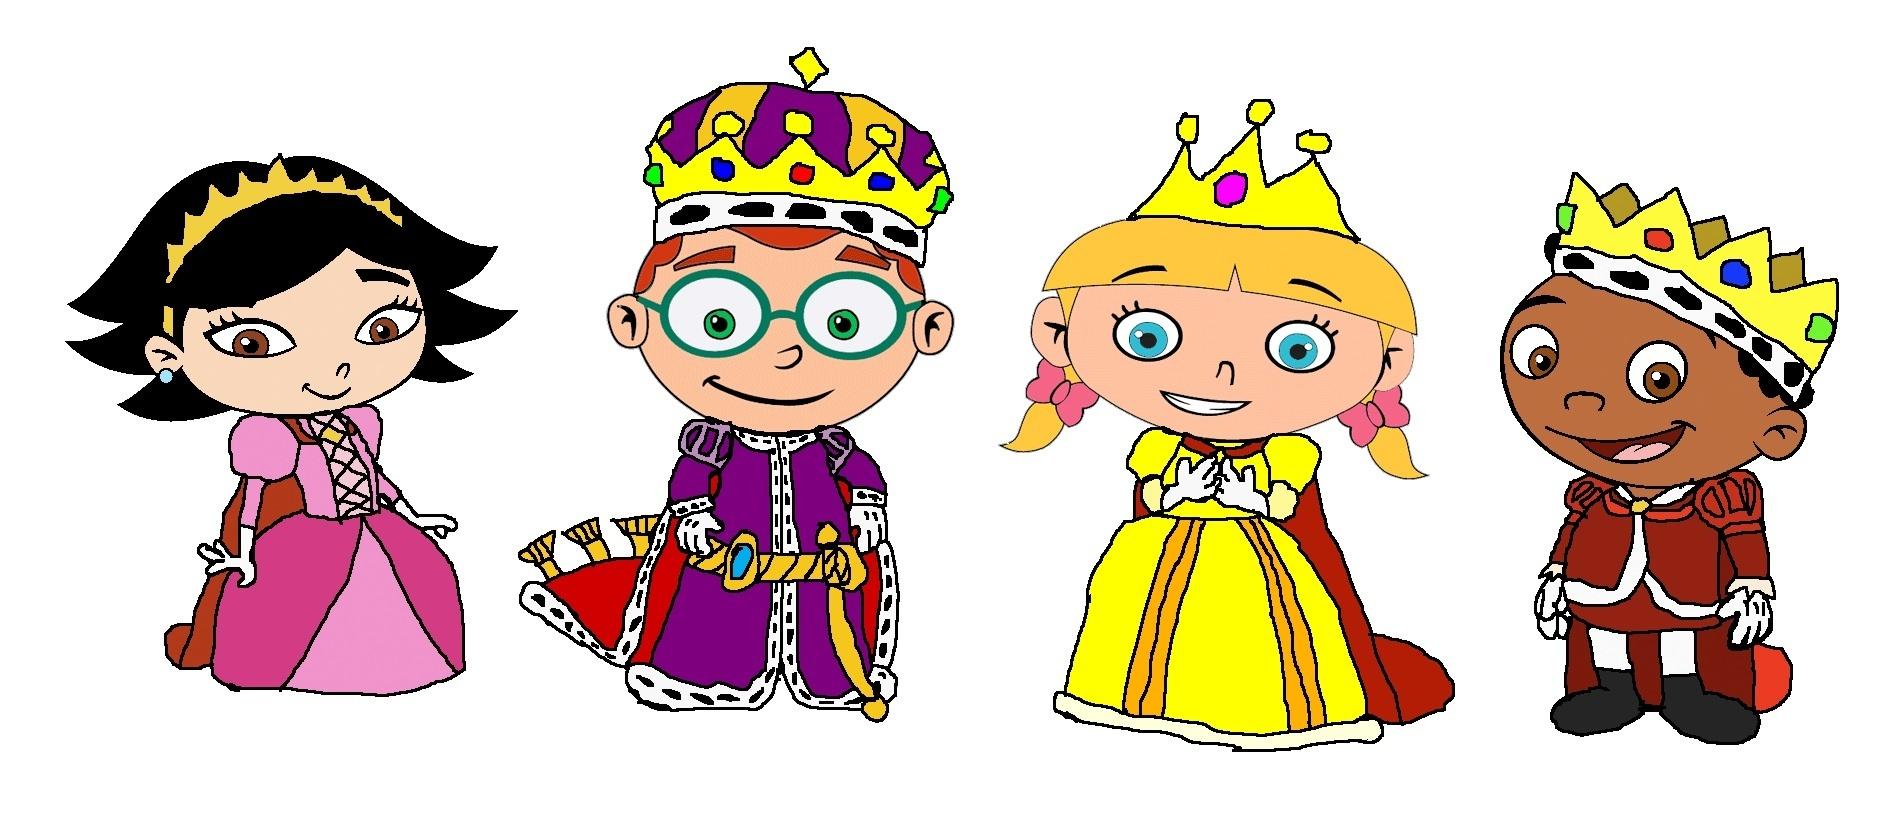 Little Einsteins - Royalty